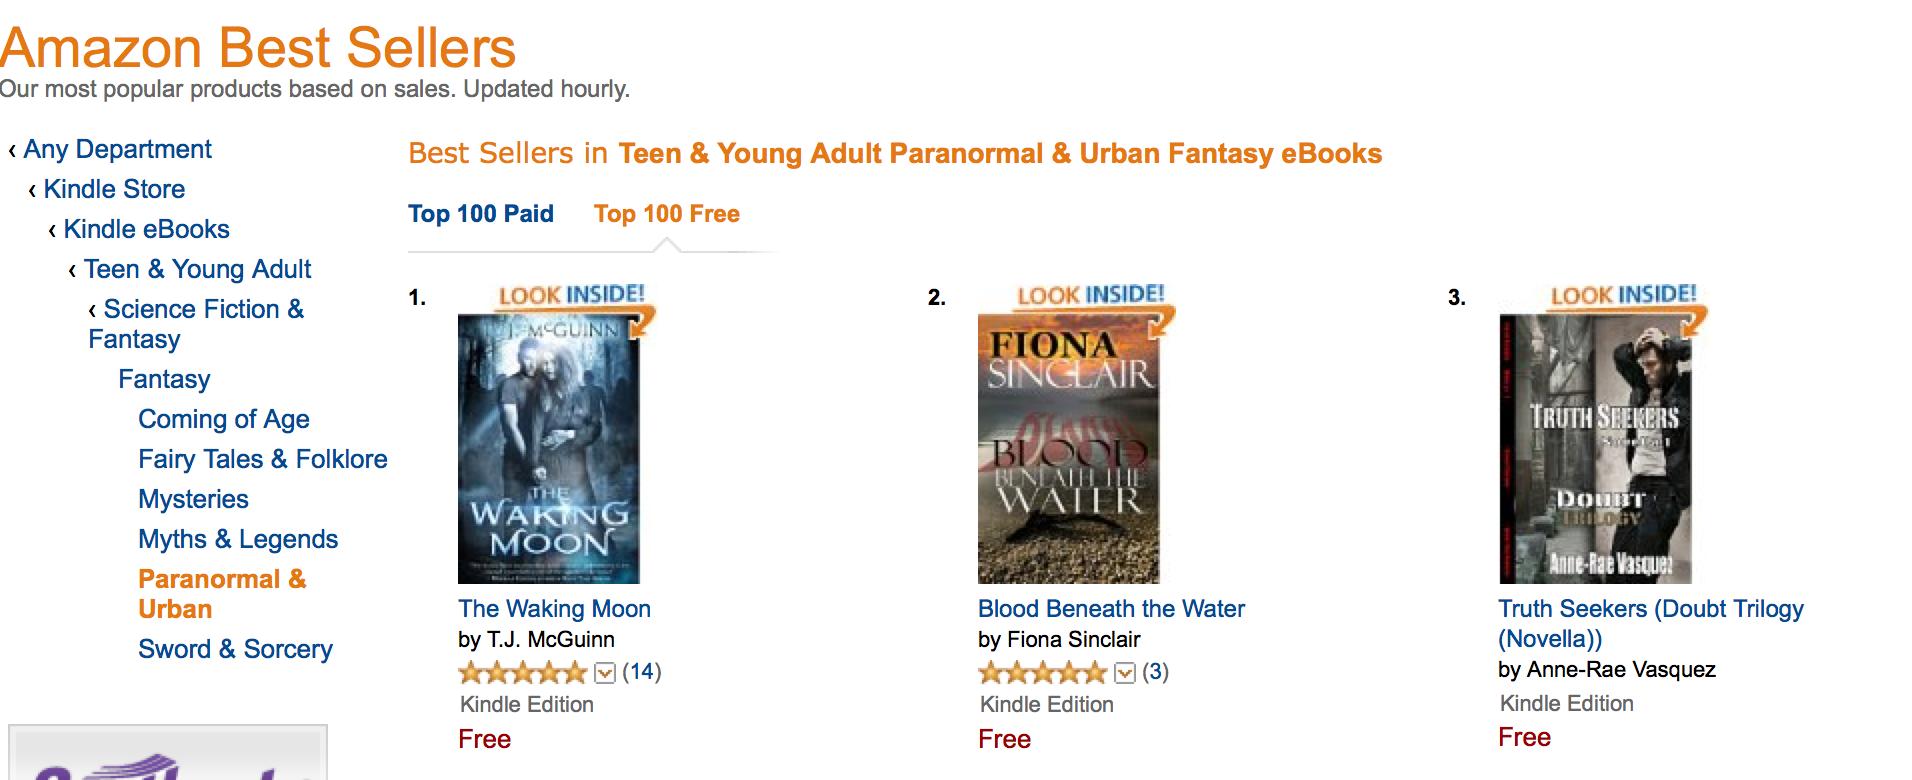 # Amazon best seller list